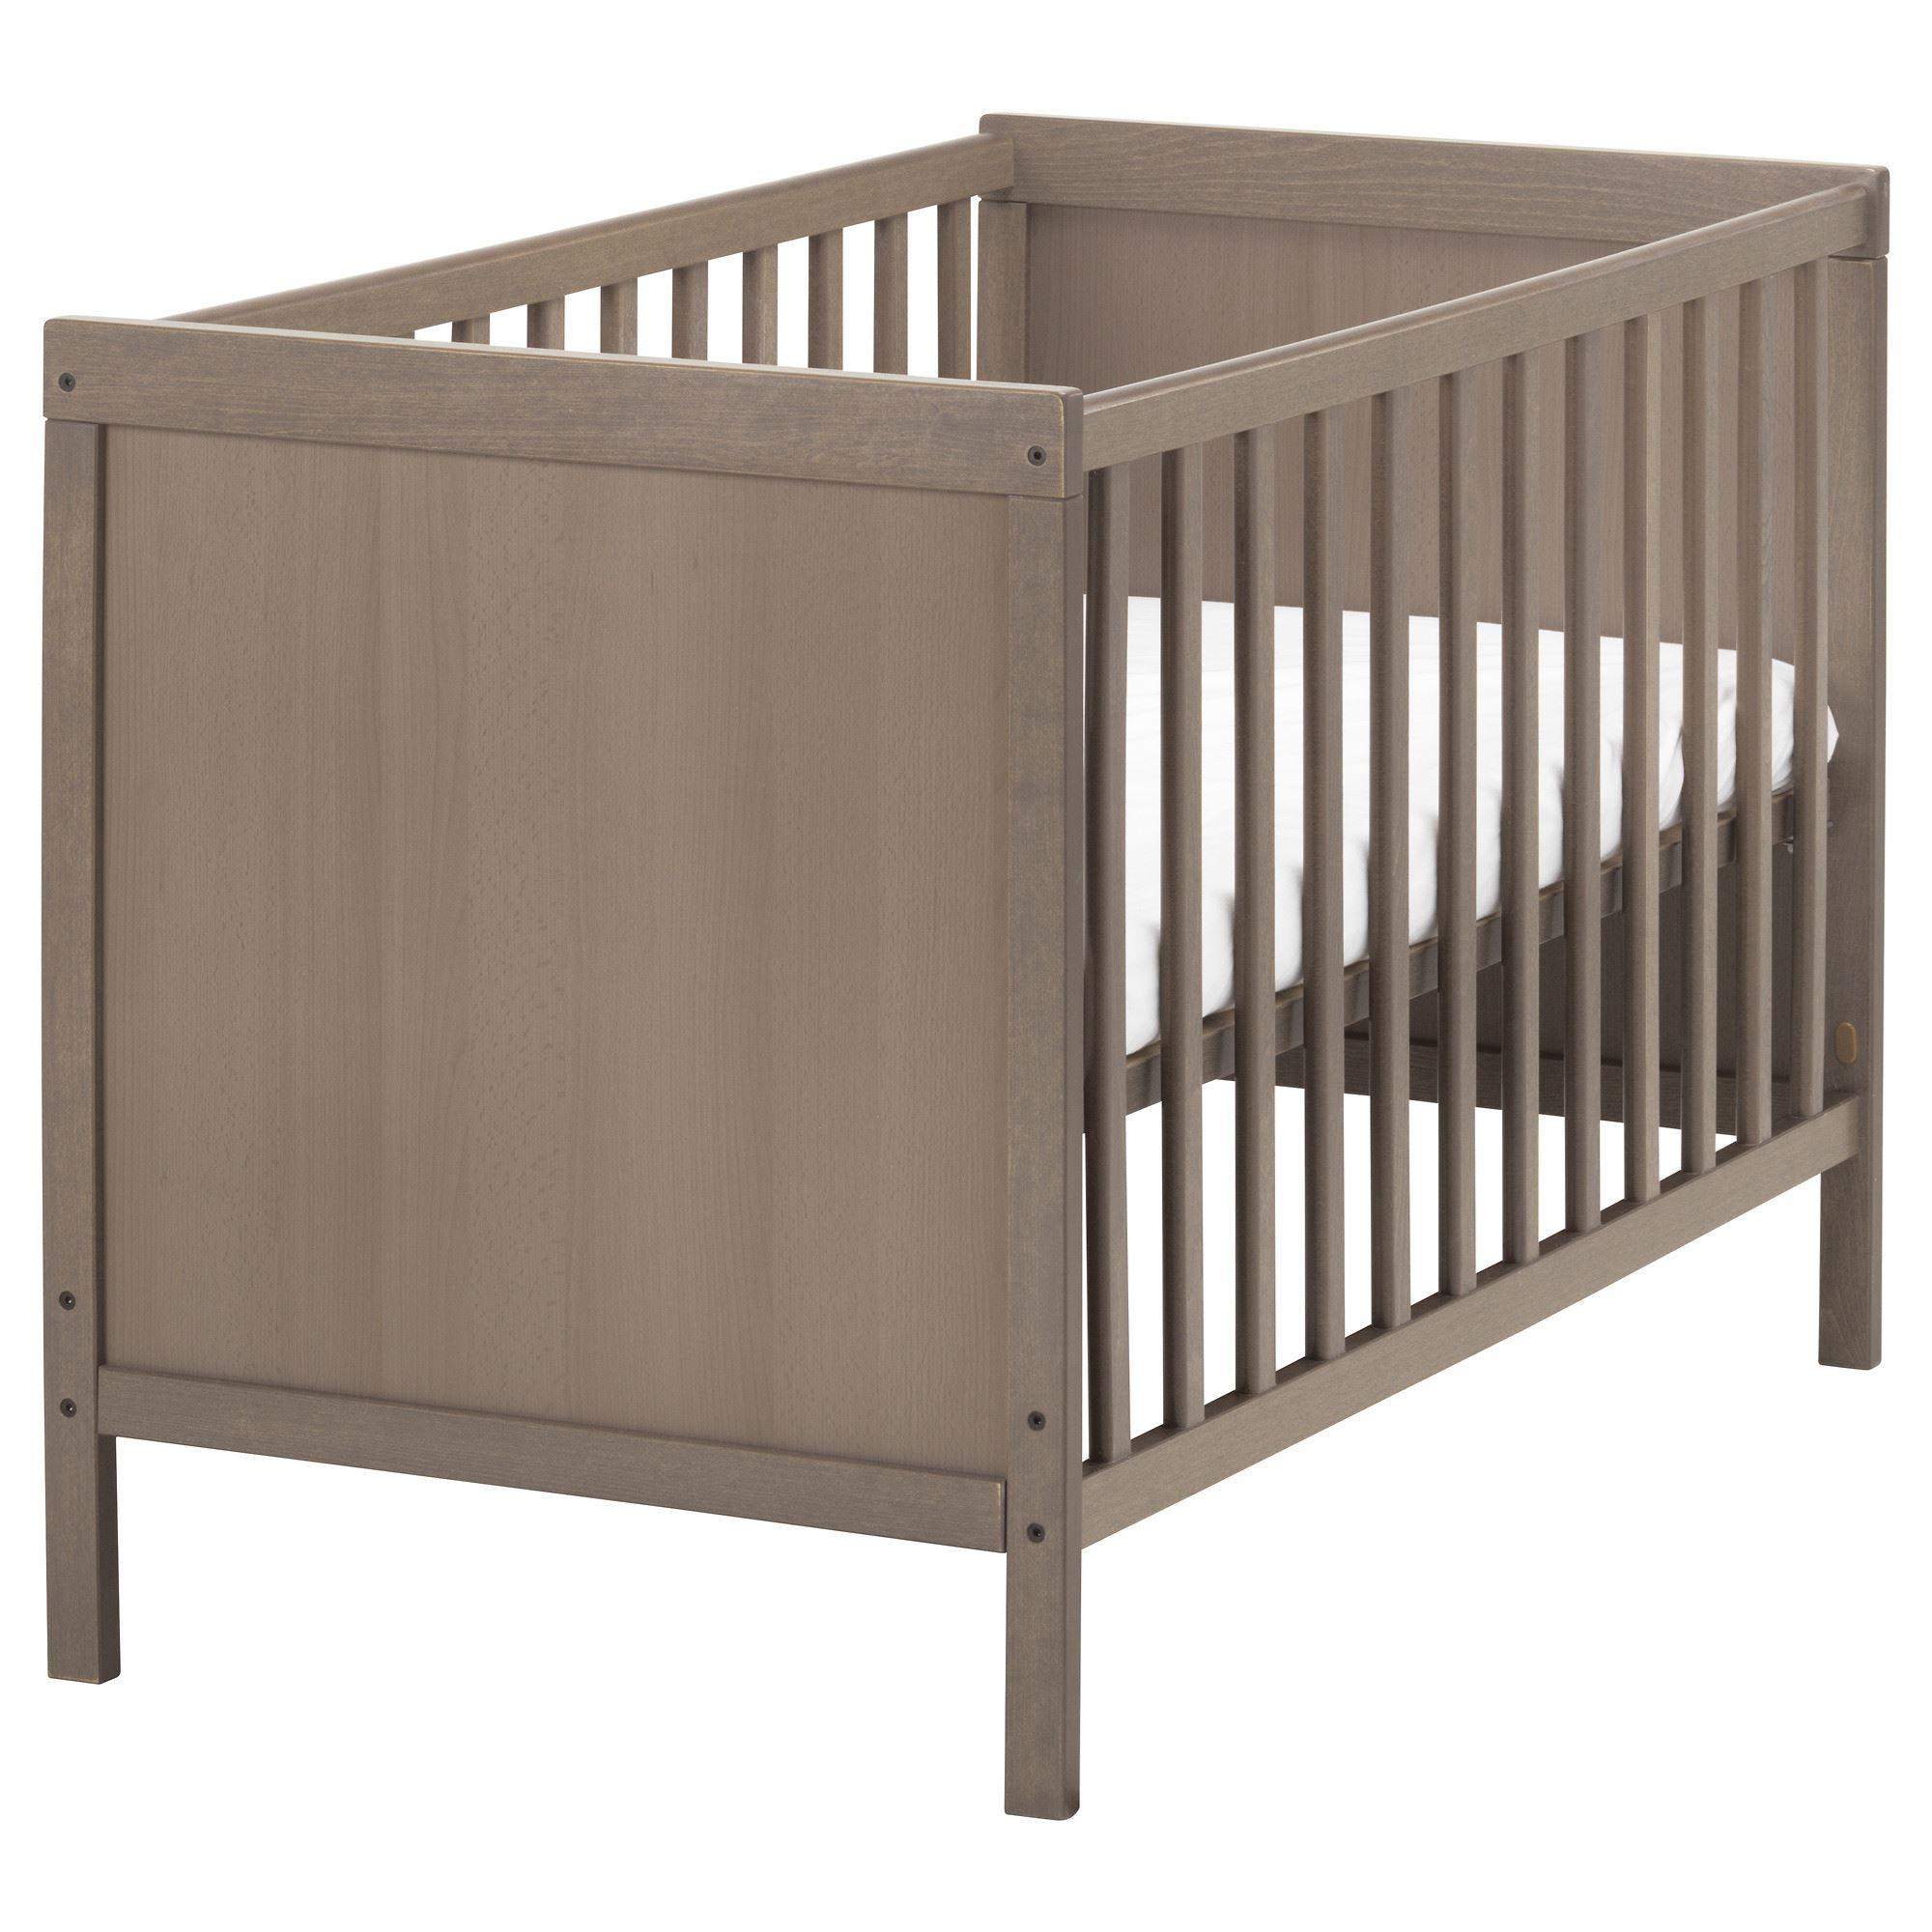 Baby bed ikea uk - Baby Bed Ikea Uk 19